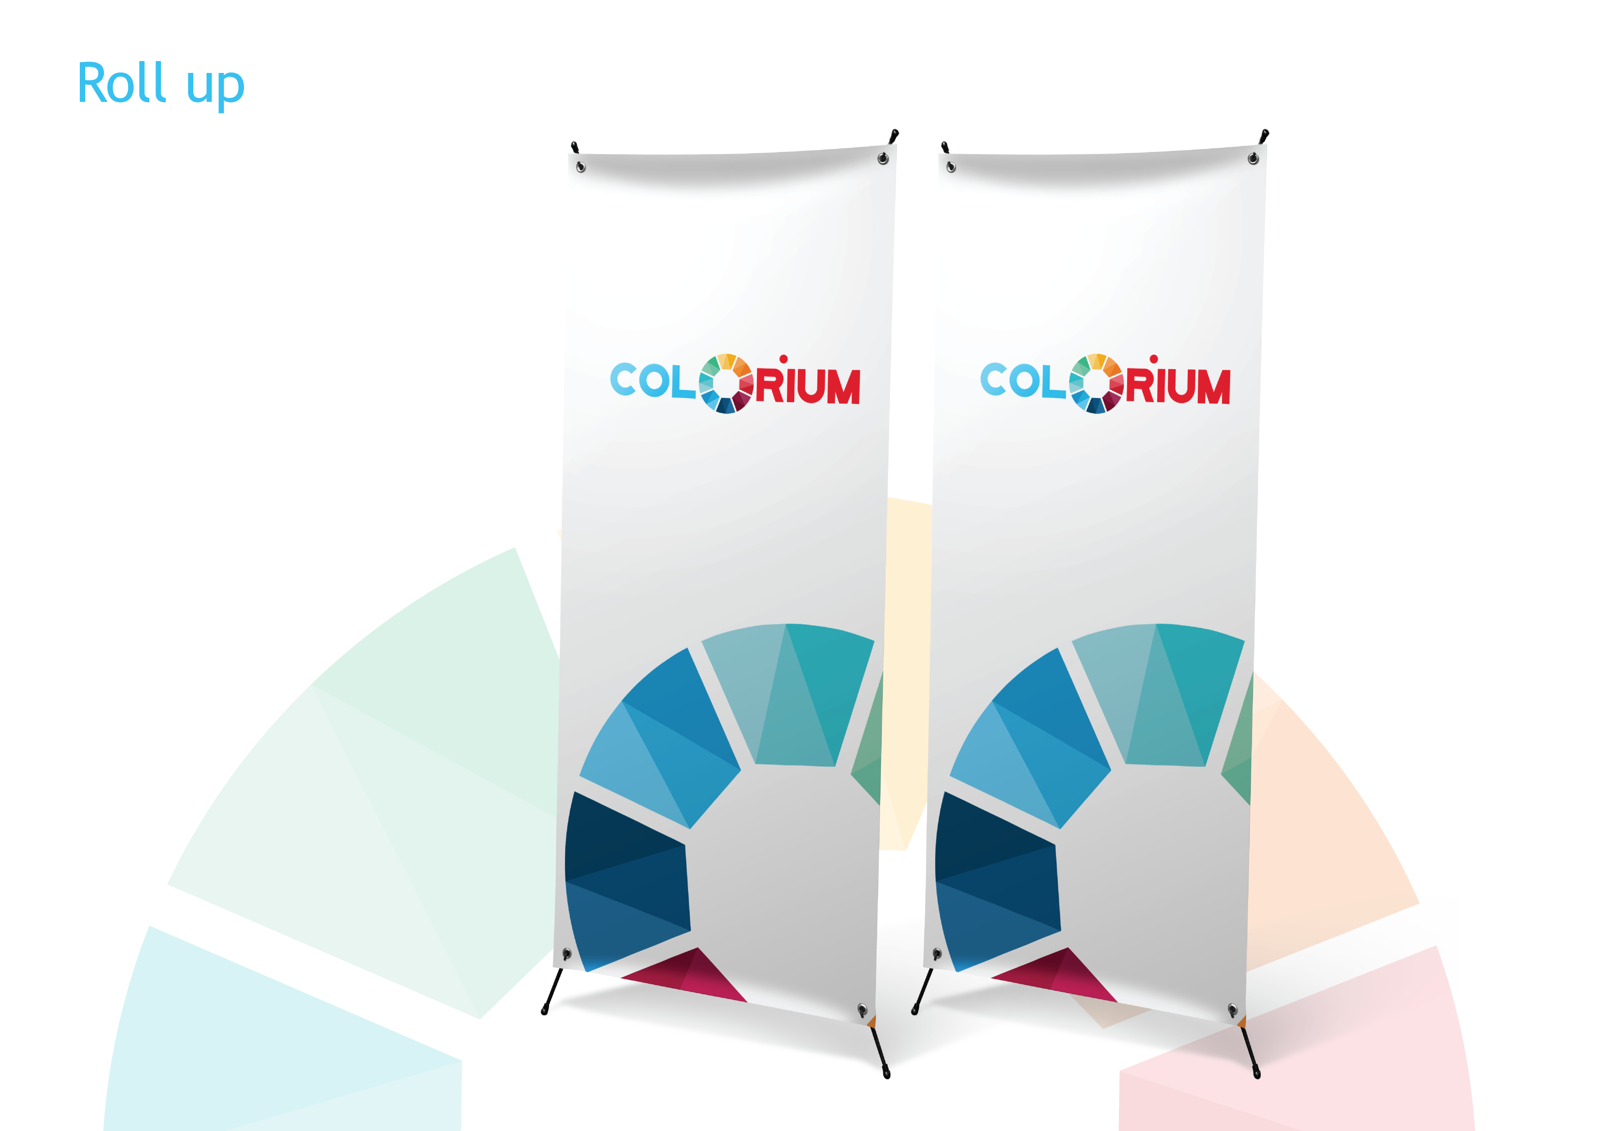 Colorium_Brand_identity-14